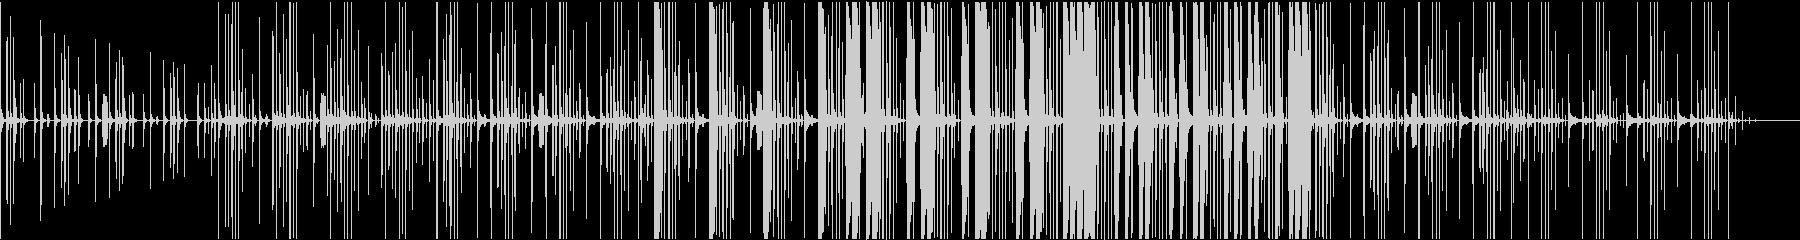 ファンク レトロ 不条理 奇妙な ...の未再生の波形